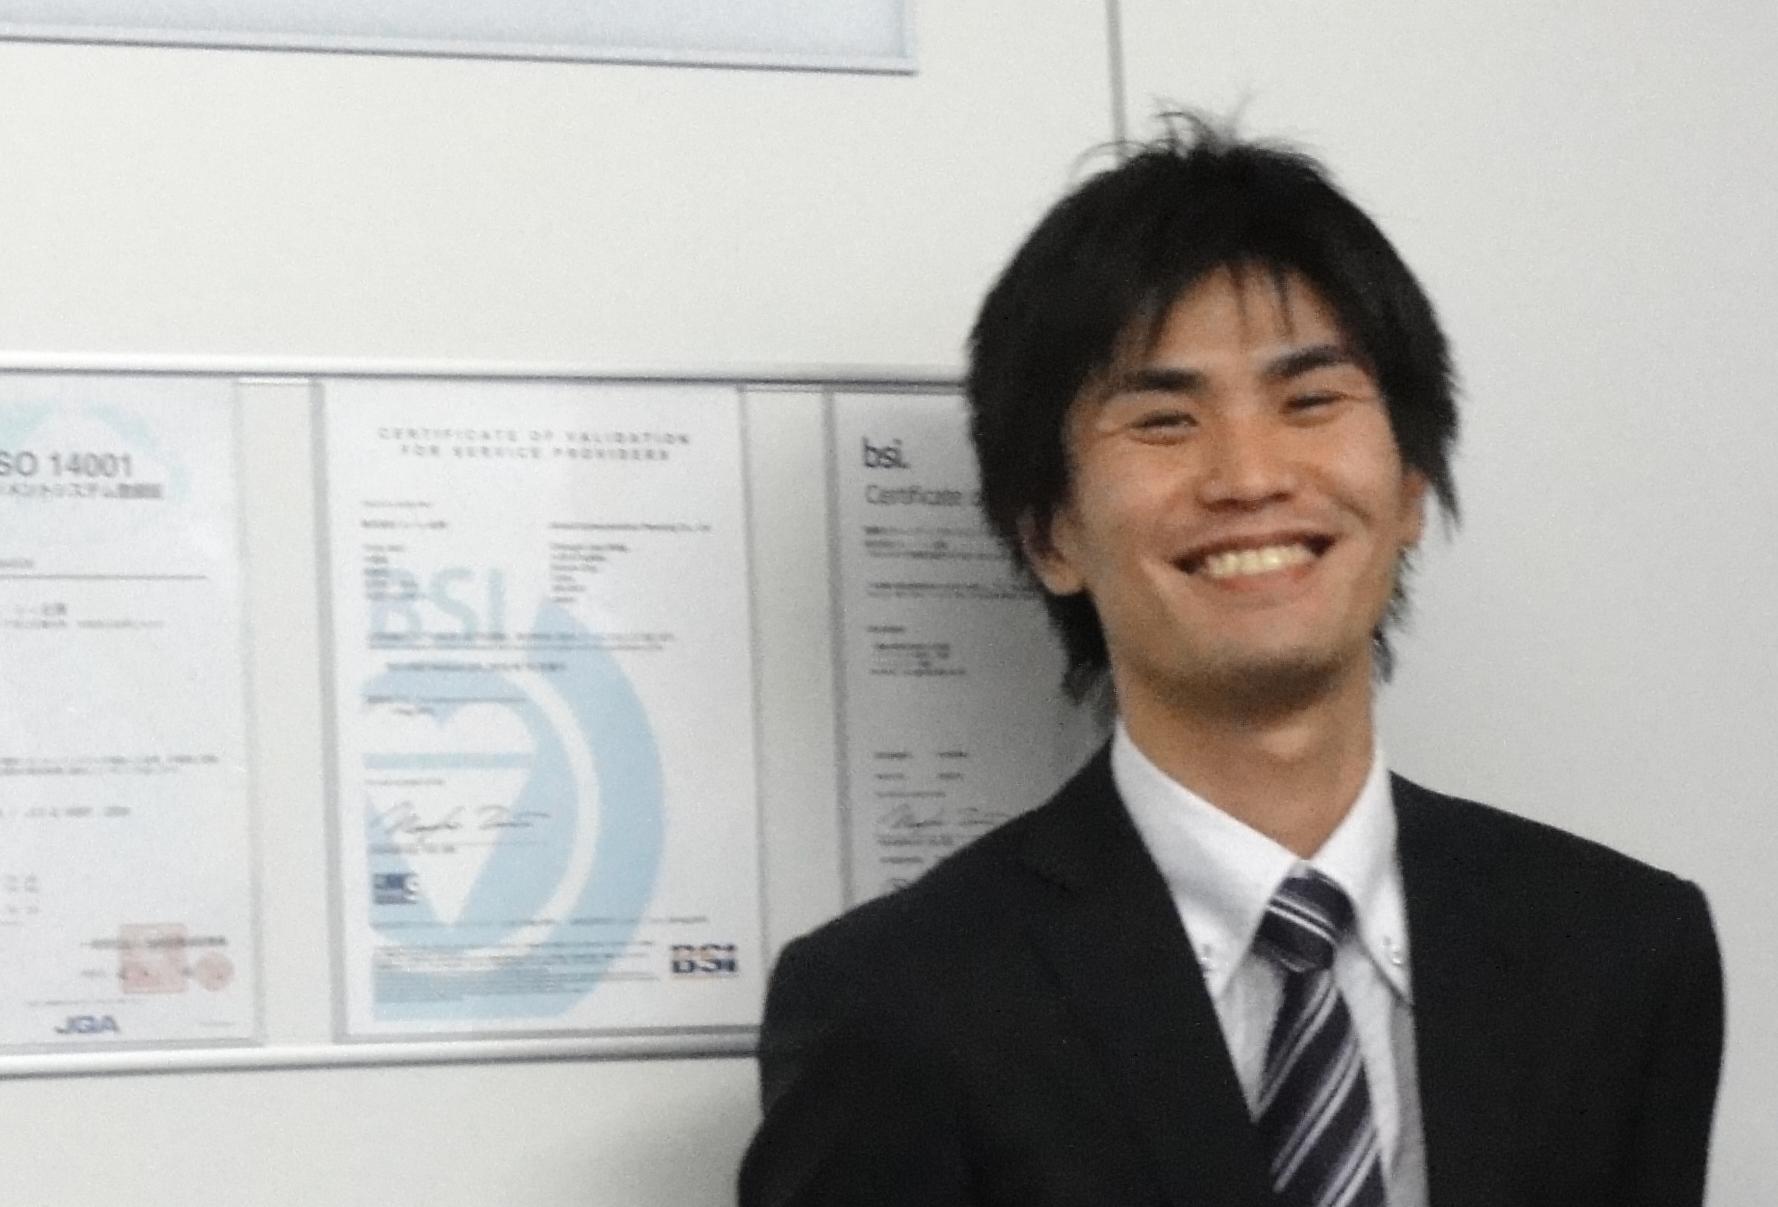 株式会社ジィ・シィ企画 押尾様